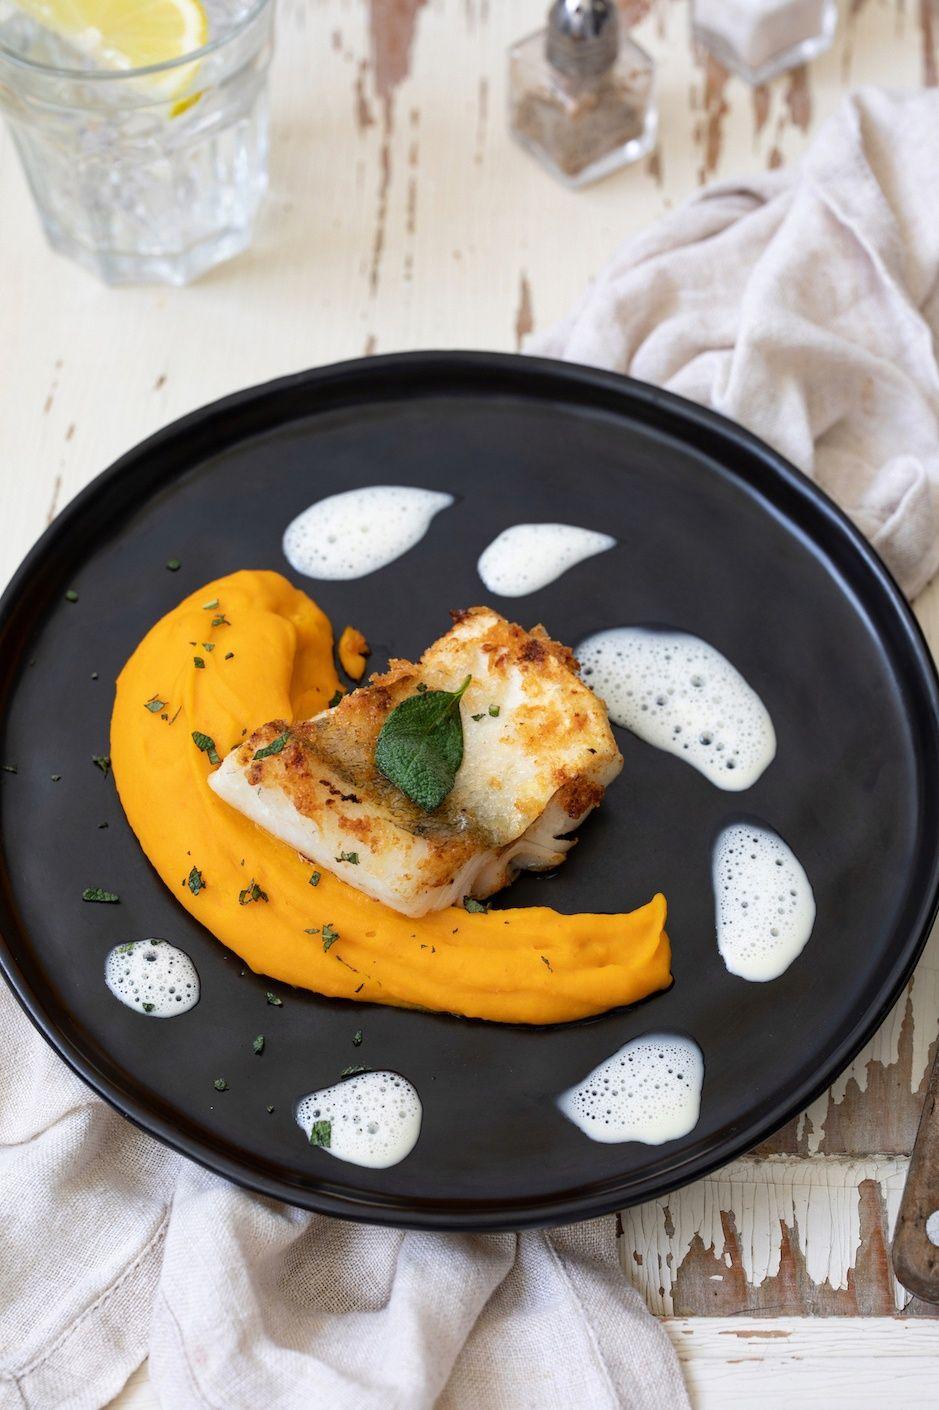 Ammersee-Fischer - Fischrezepte zum Kochen und Braten von Fisch. Beispiele  leckerer Fischgerichte!